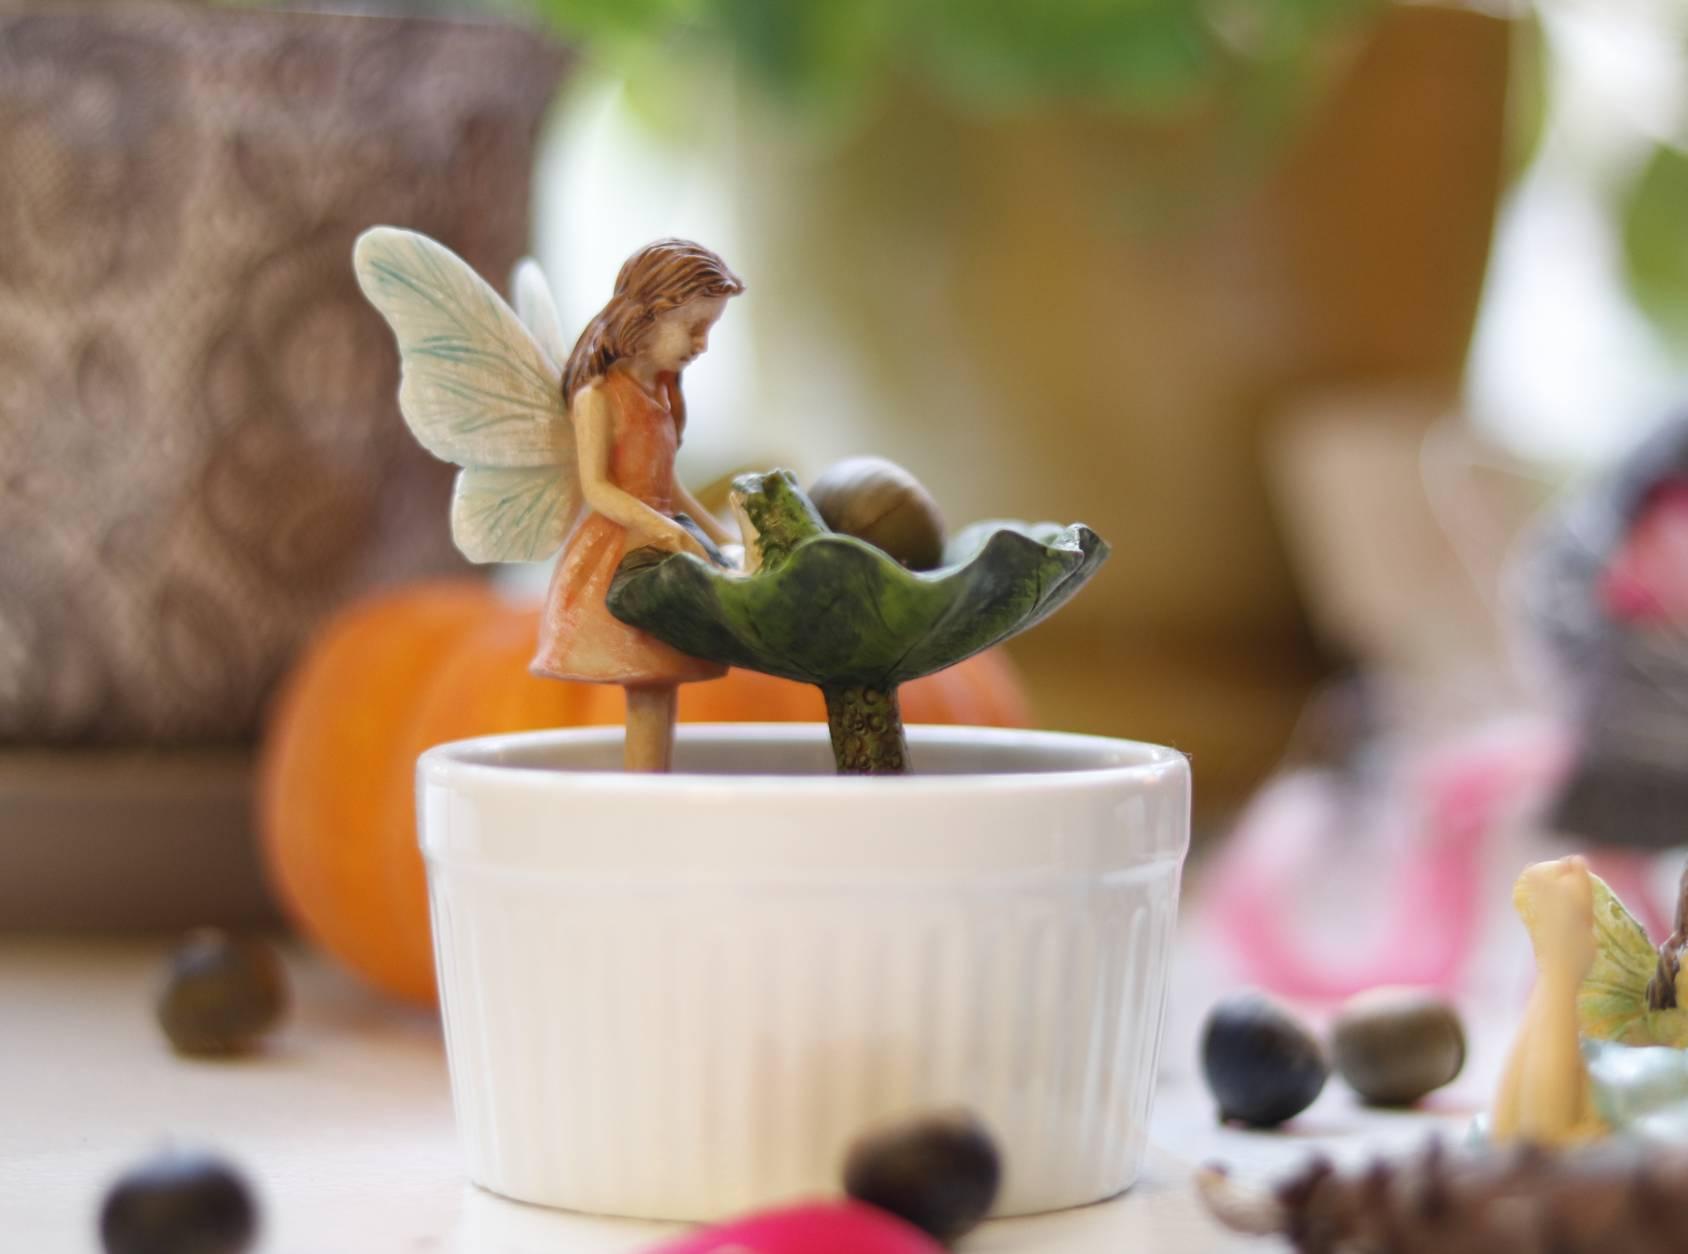 Eloie's indoor fairy garden with keepsakes from her grandmother. (WTOP/Kate Ryan)